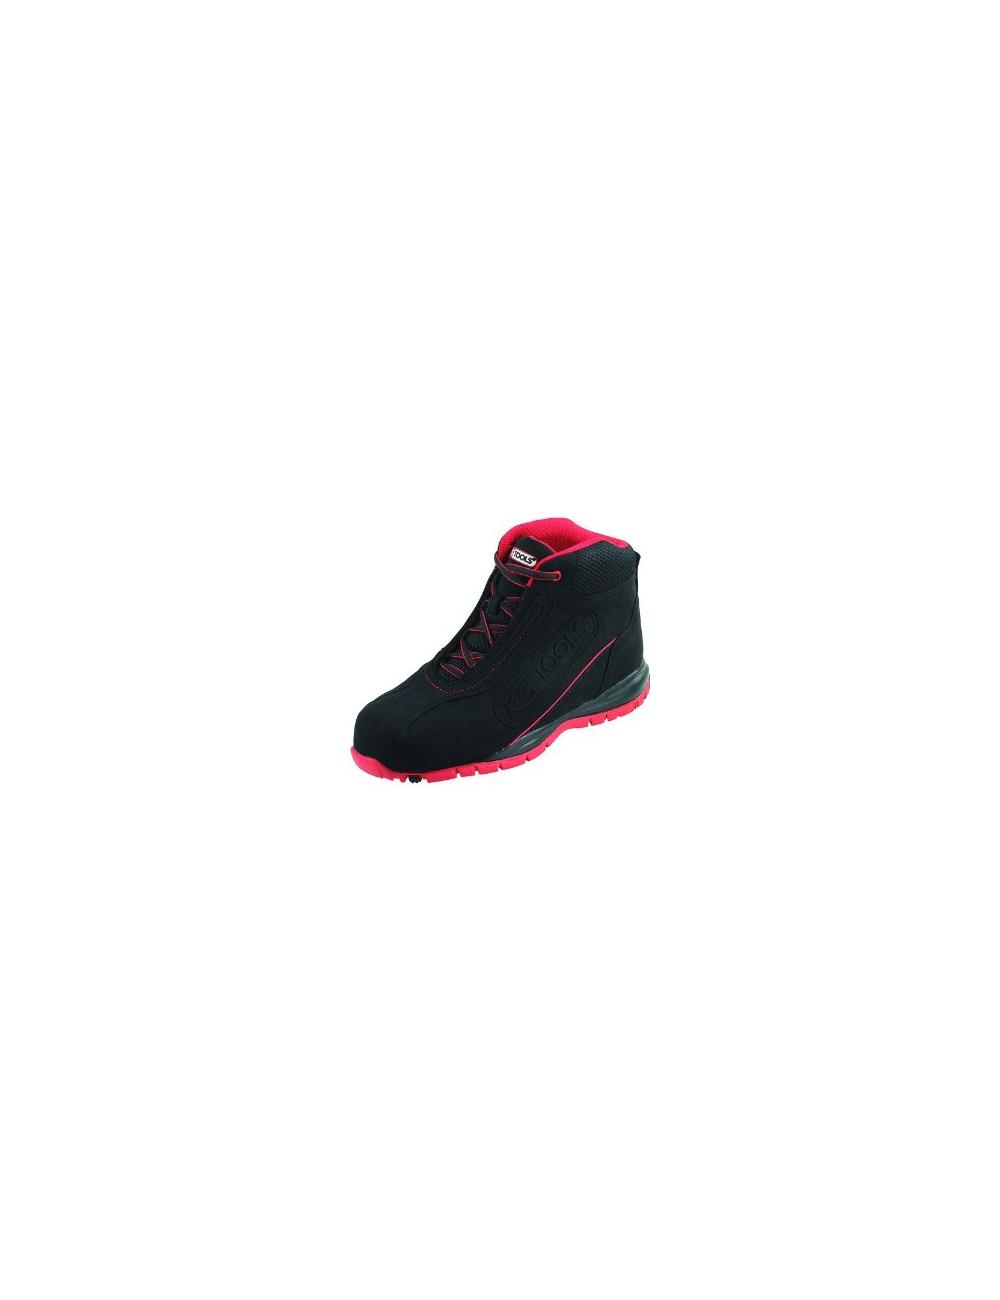 Chaussures de sécurité - Modèle casual indoor montante T42